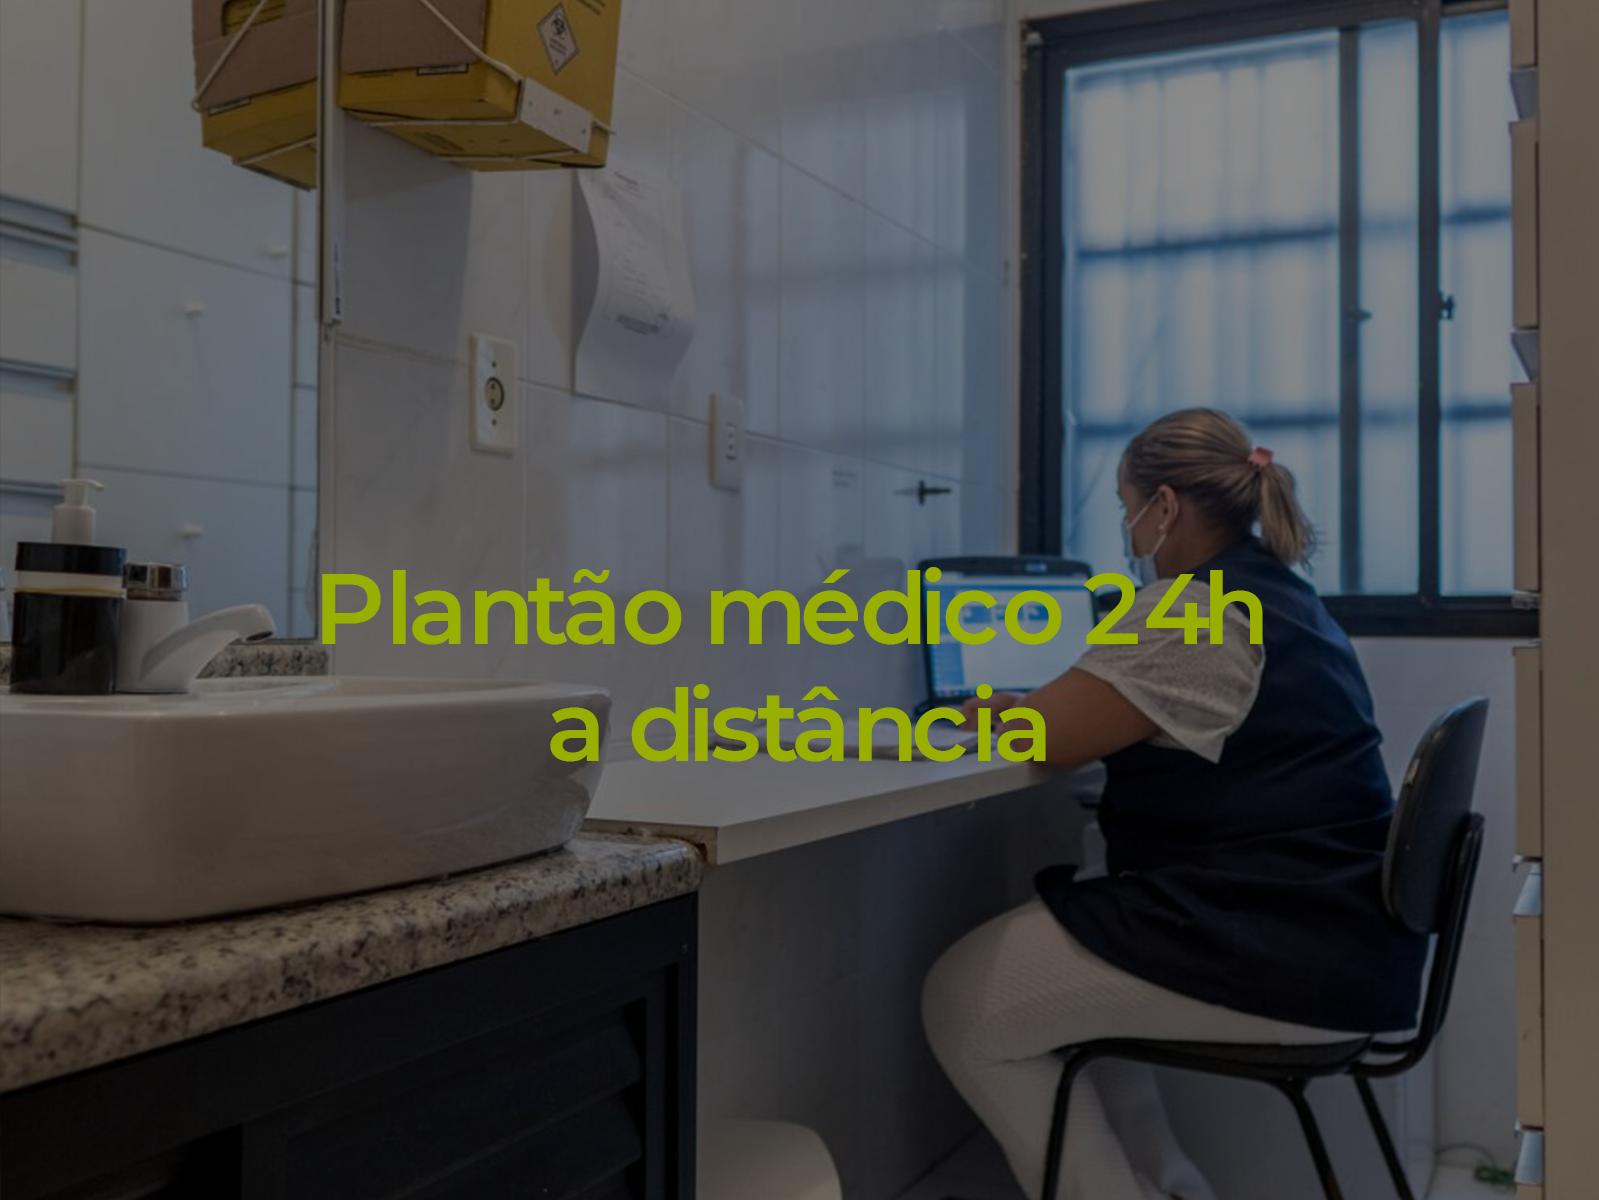 plantao-medico